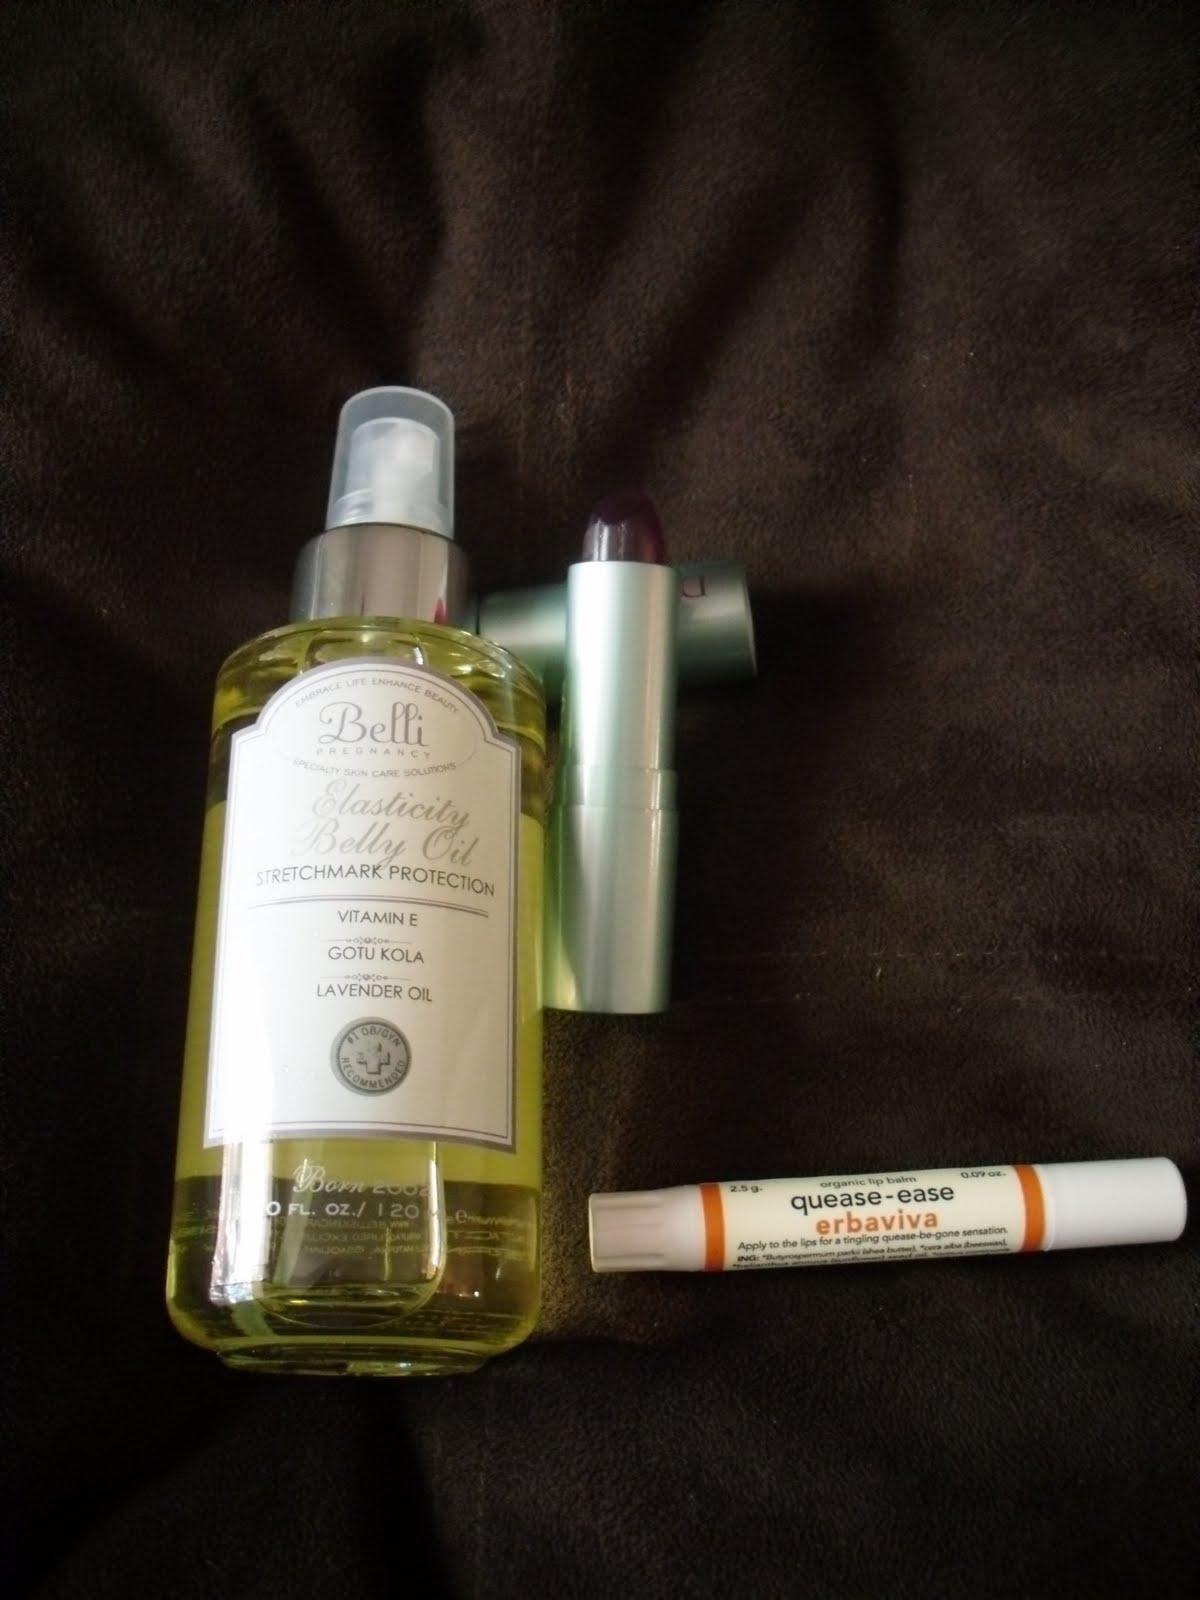 Duwop private lipstick nude